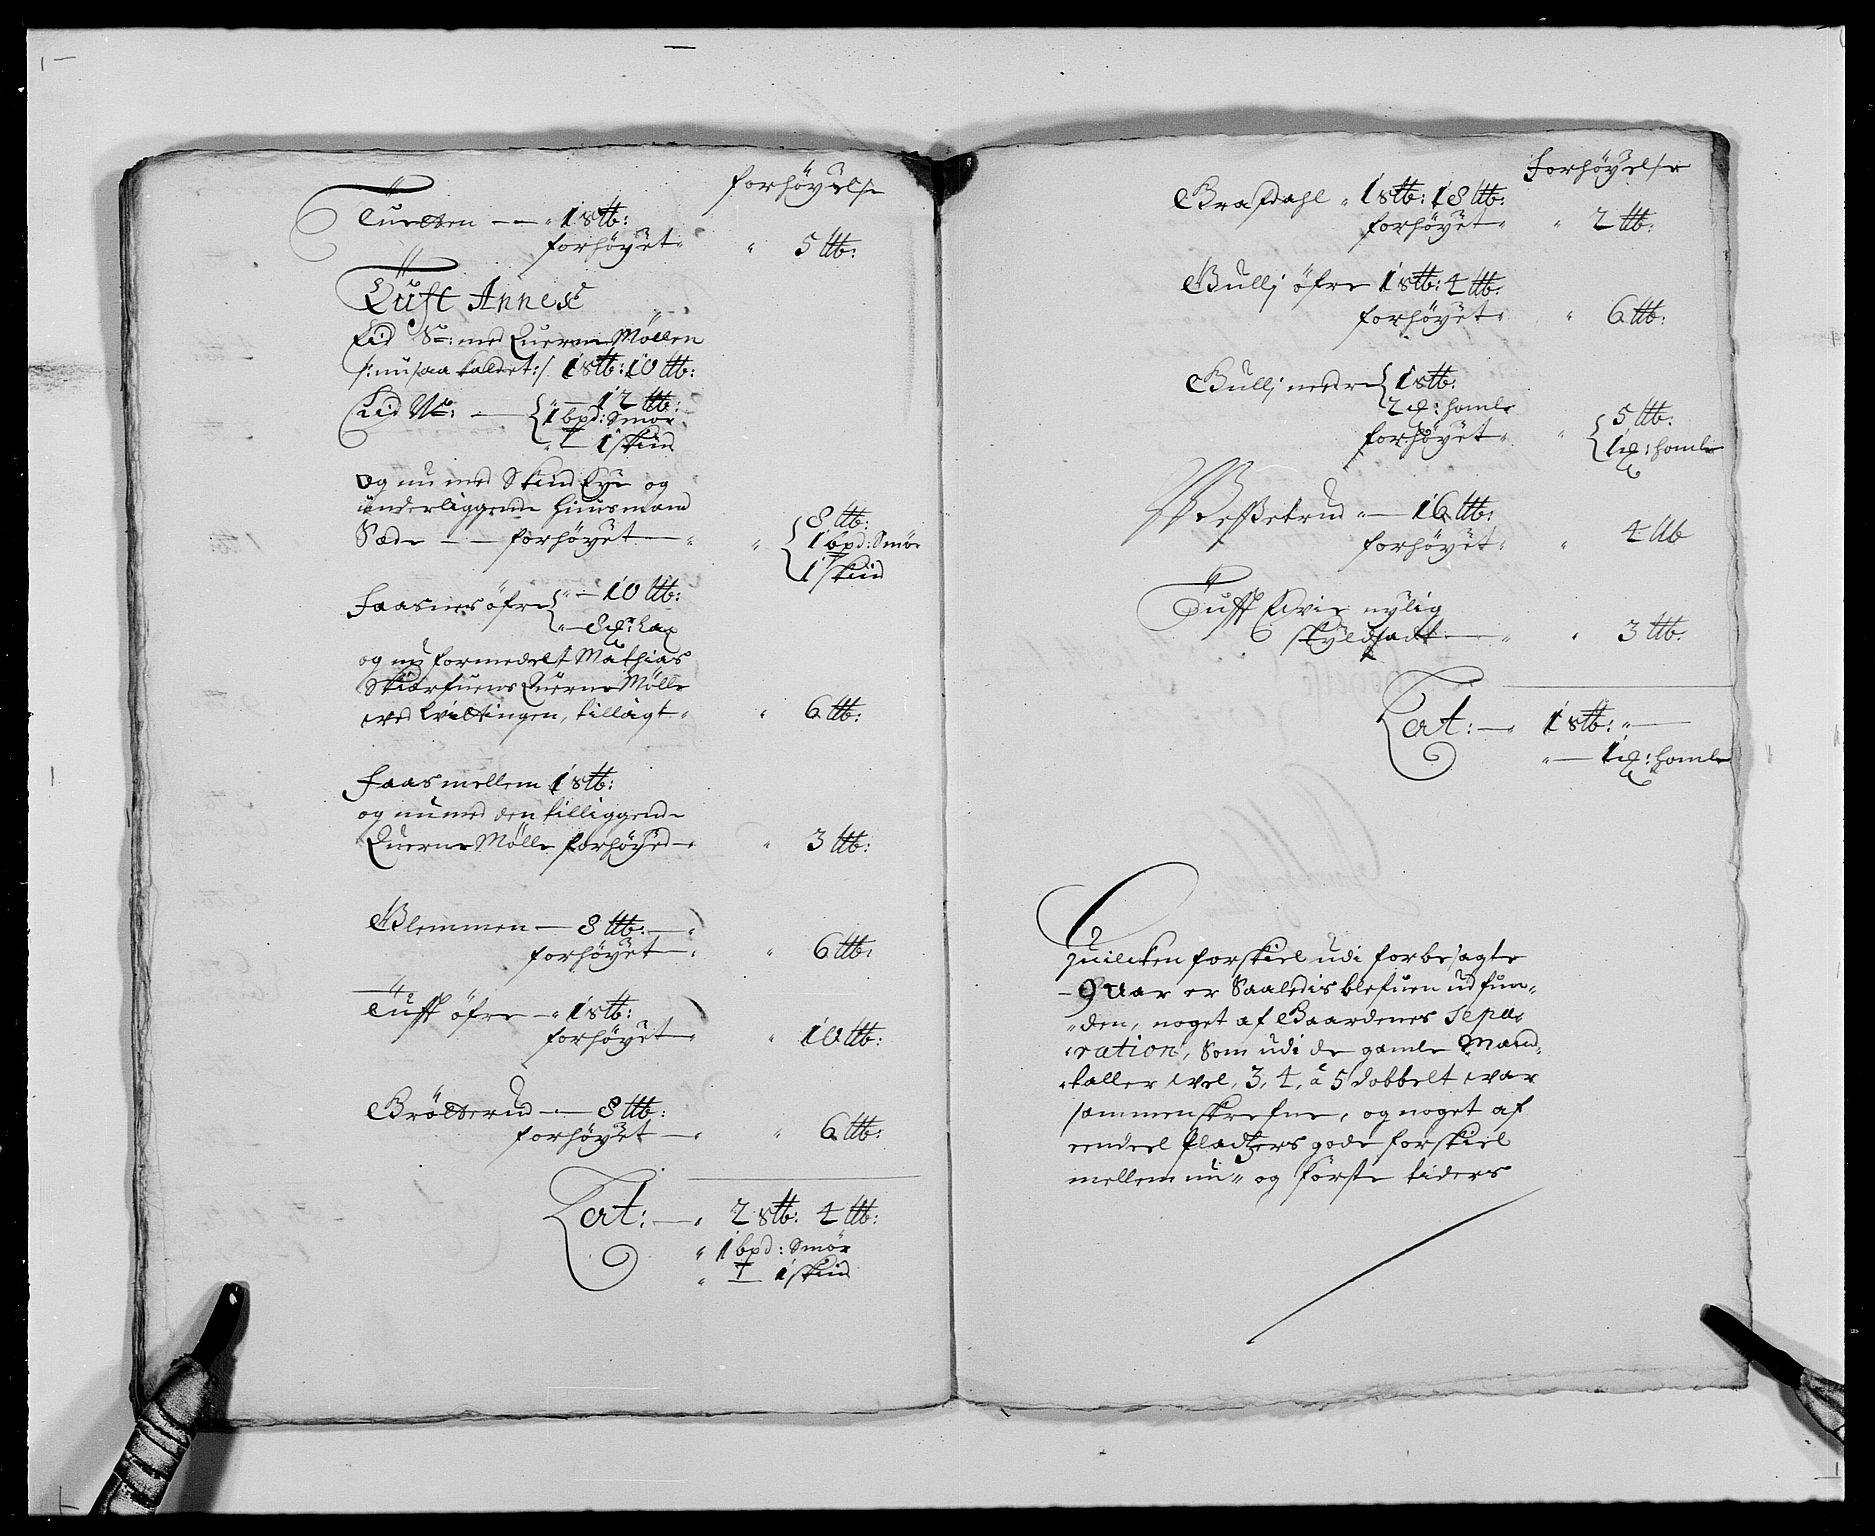 RA, Rentekammeret inntil 1814, Reviderte regnskaper, Fogderegnskap, R24/L1573: Fogderegnskap Numedal og Sandsvær, 1687-1691, s. 219